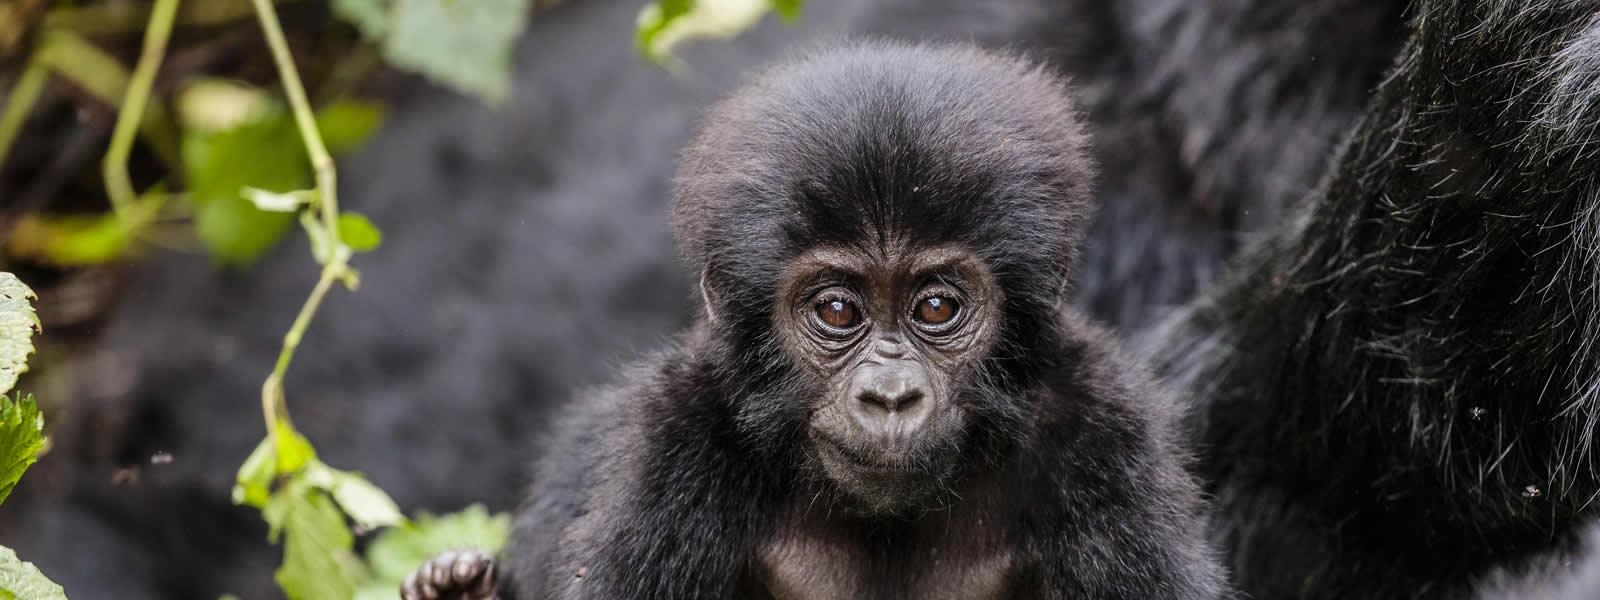 Gorilla Trekking and Mount Sabinyo hiking Safari in Uganda will take you to Mgahinga gorilla national park